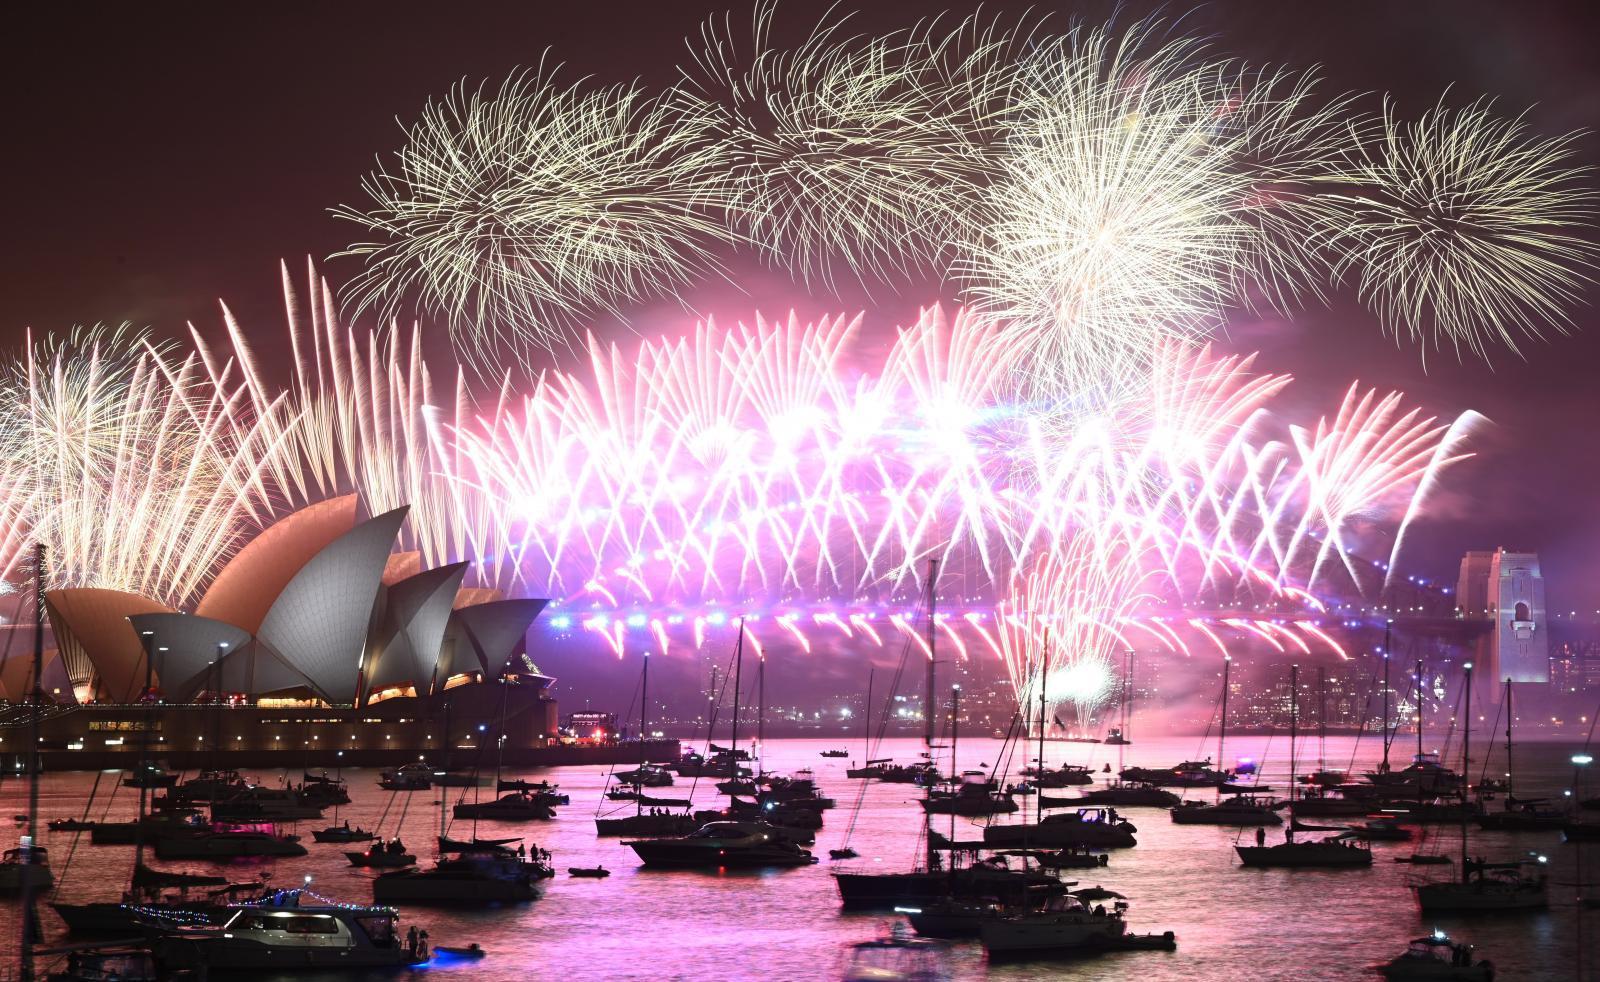 ออสเตรเลีย จุดพลุ 1 แสนลูก เฉลิมฉลองก้าวเข้าสู่ปี 2020